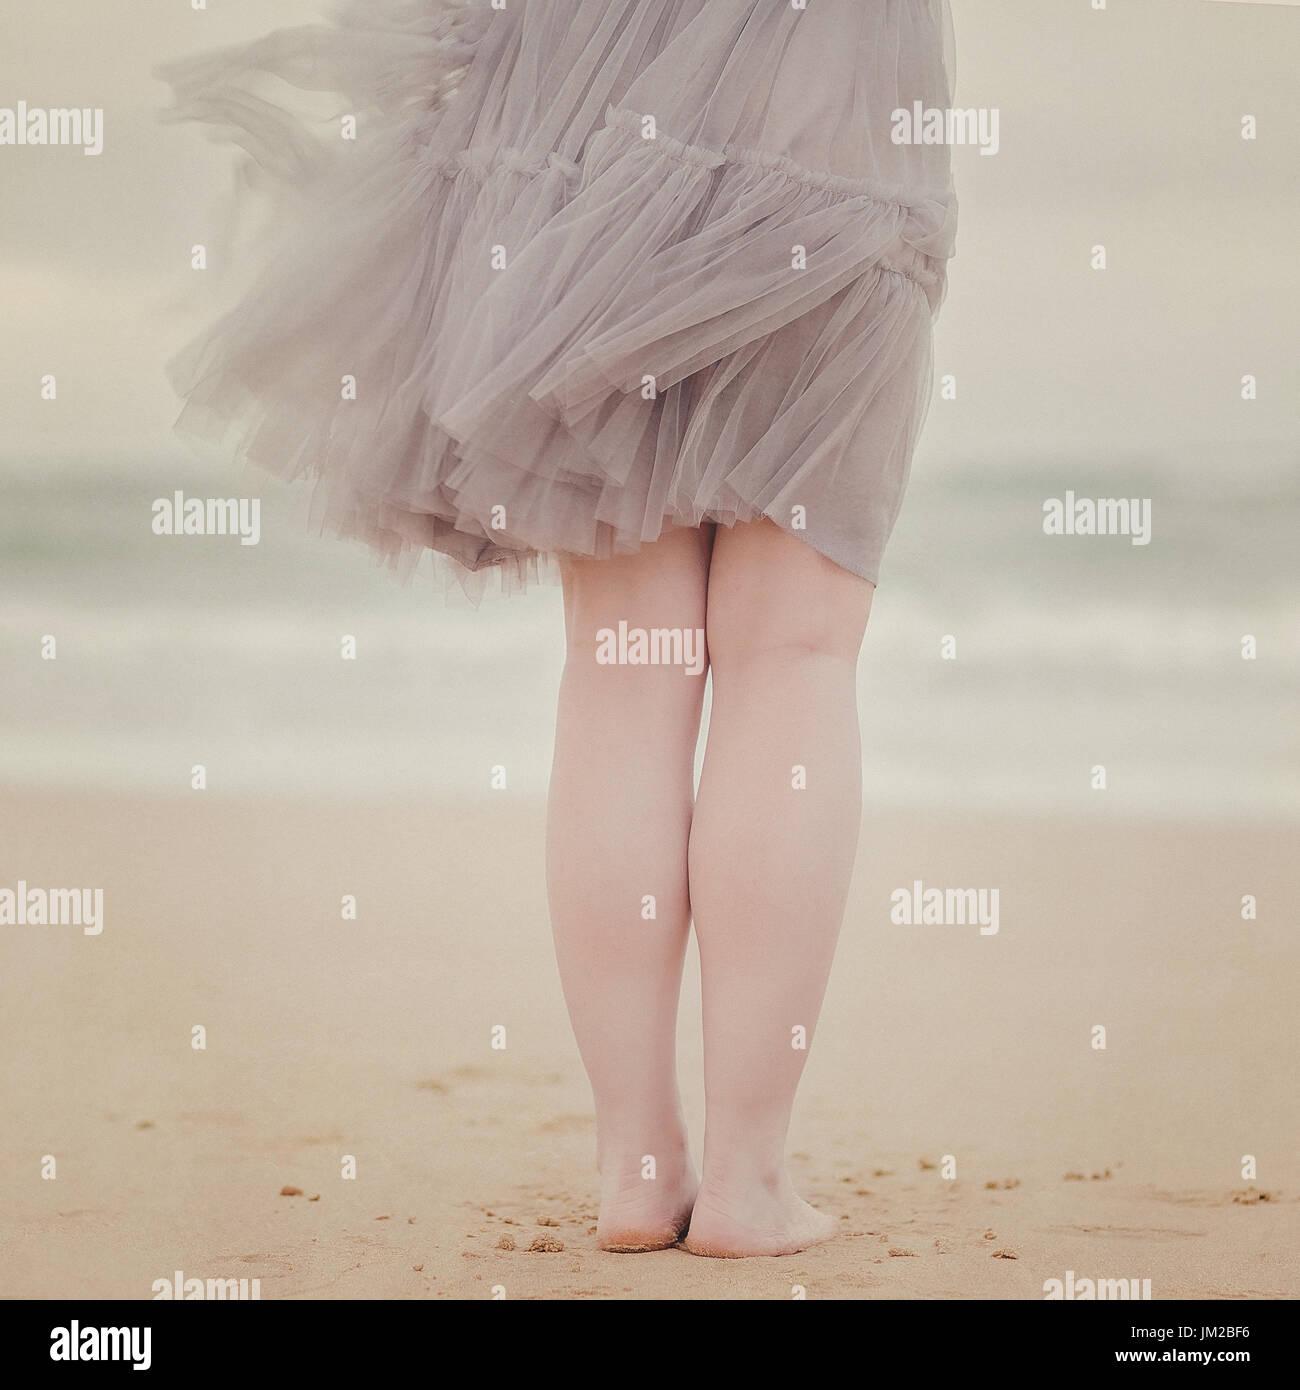 65e75fbfd Hembra con falda de tul de pie en la playa · Teresa Risco / Alamy Foto de  stock